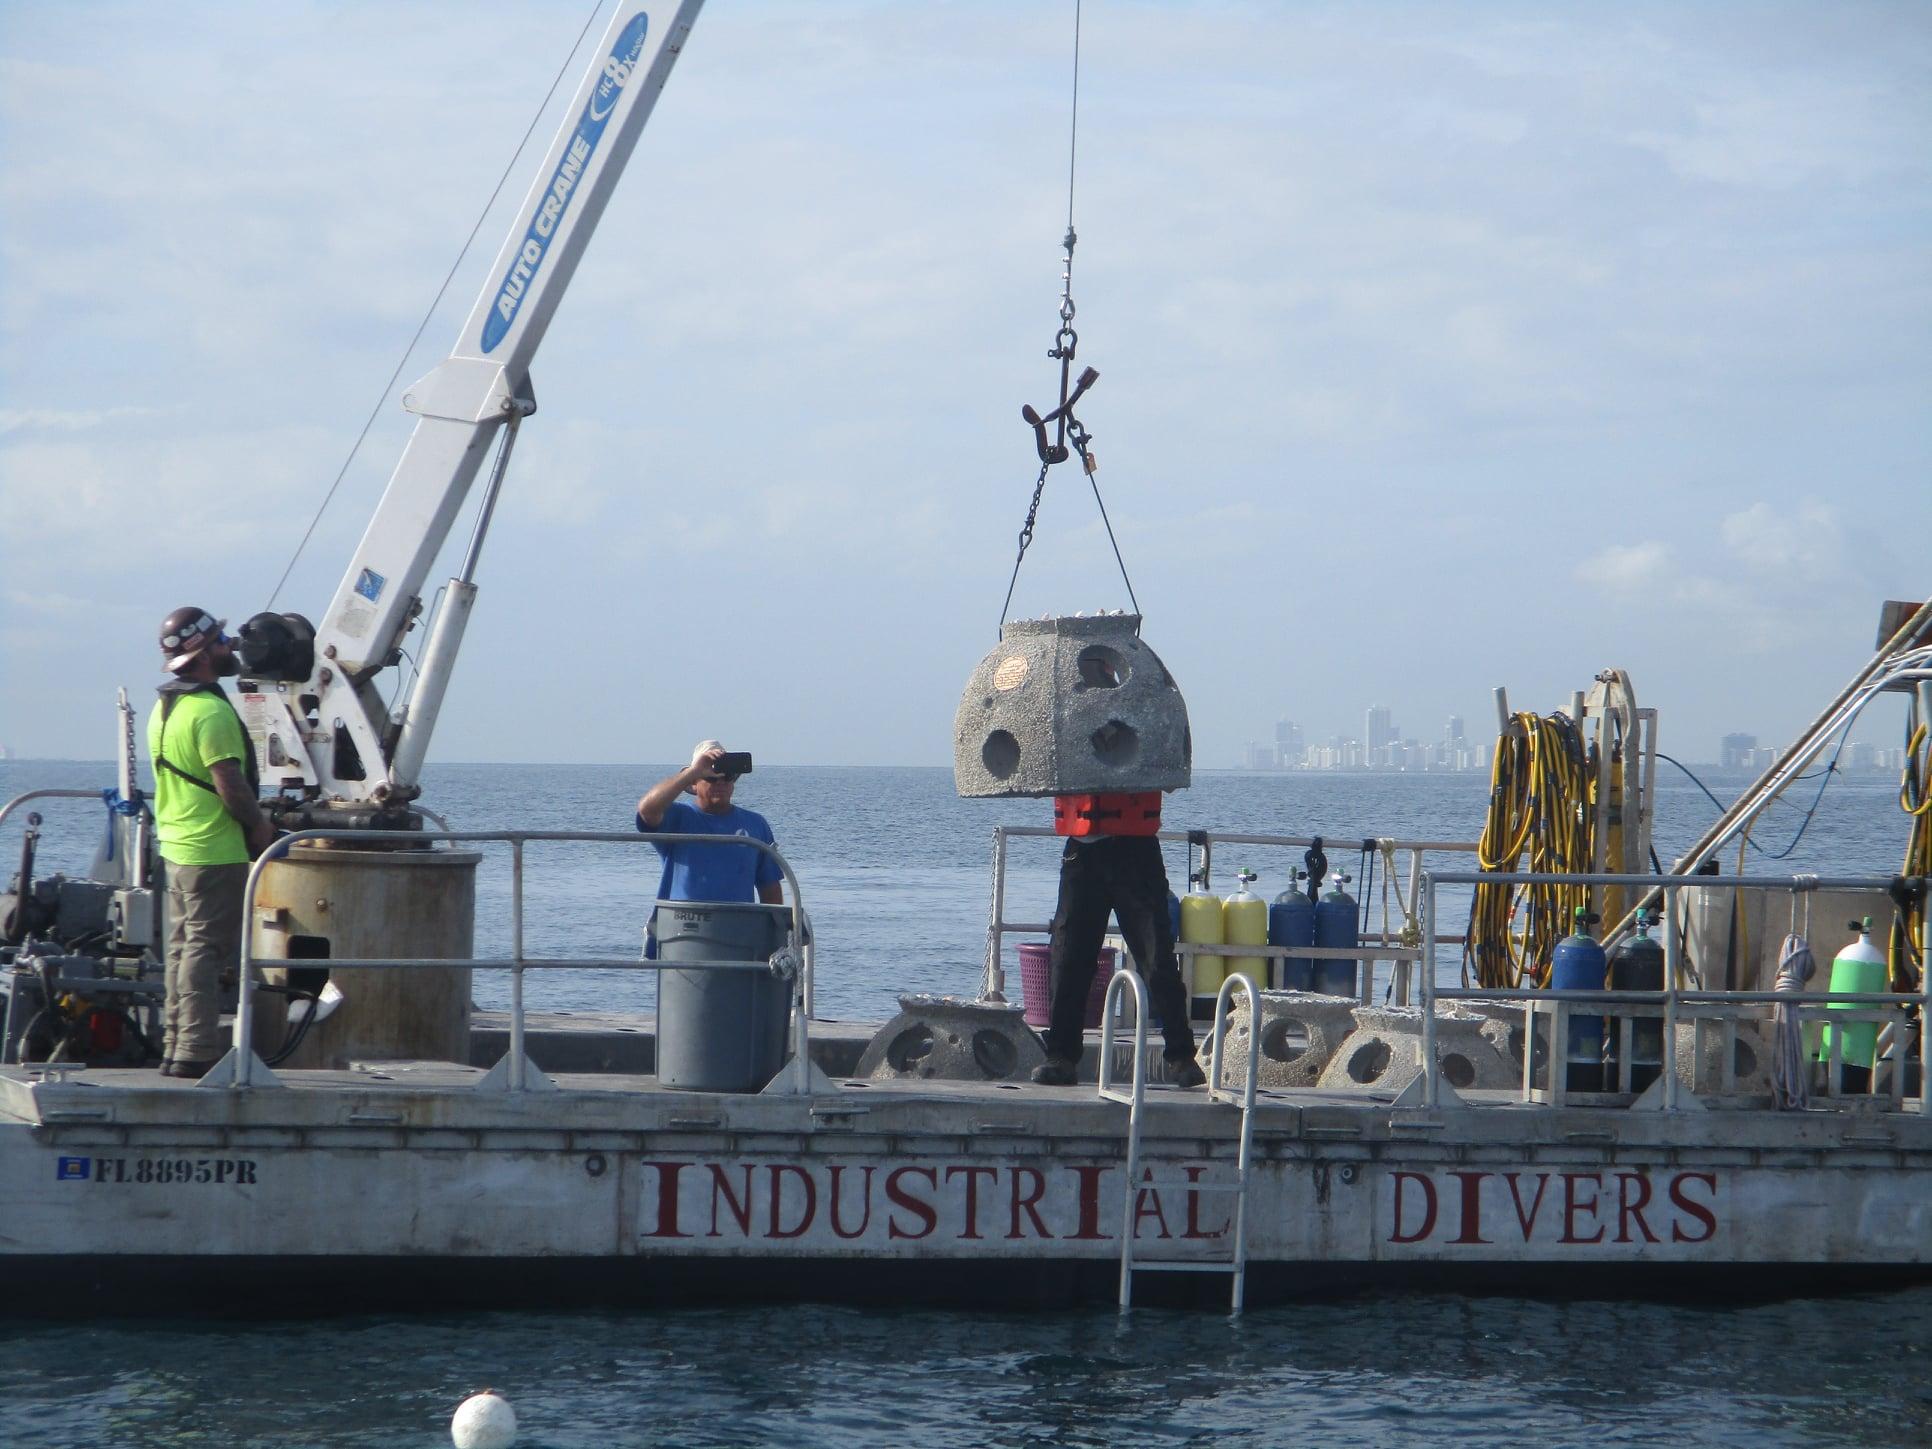 Un empresario guatemalteco  construirá un cementerio marino en Campeche